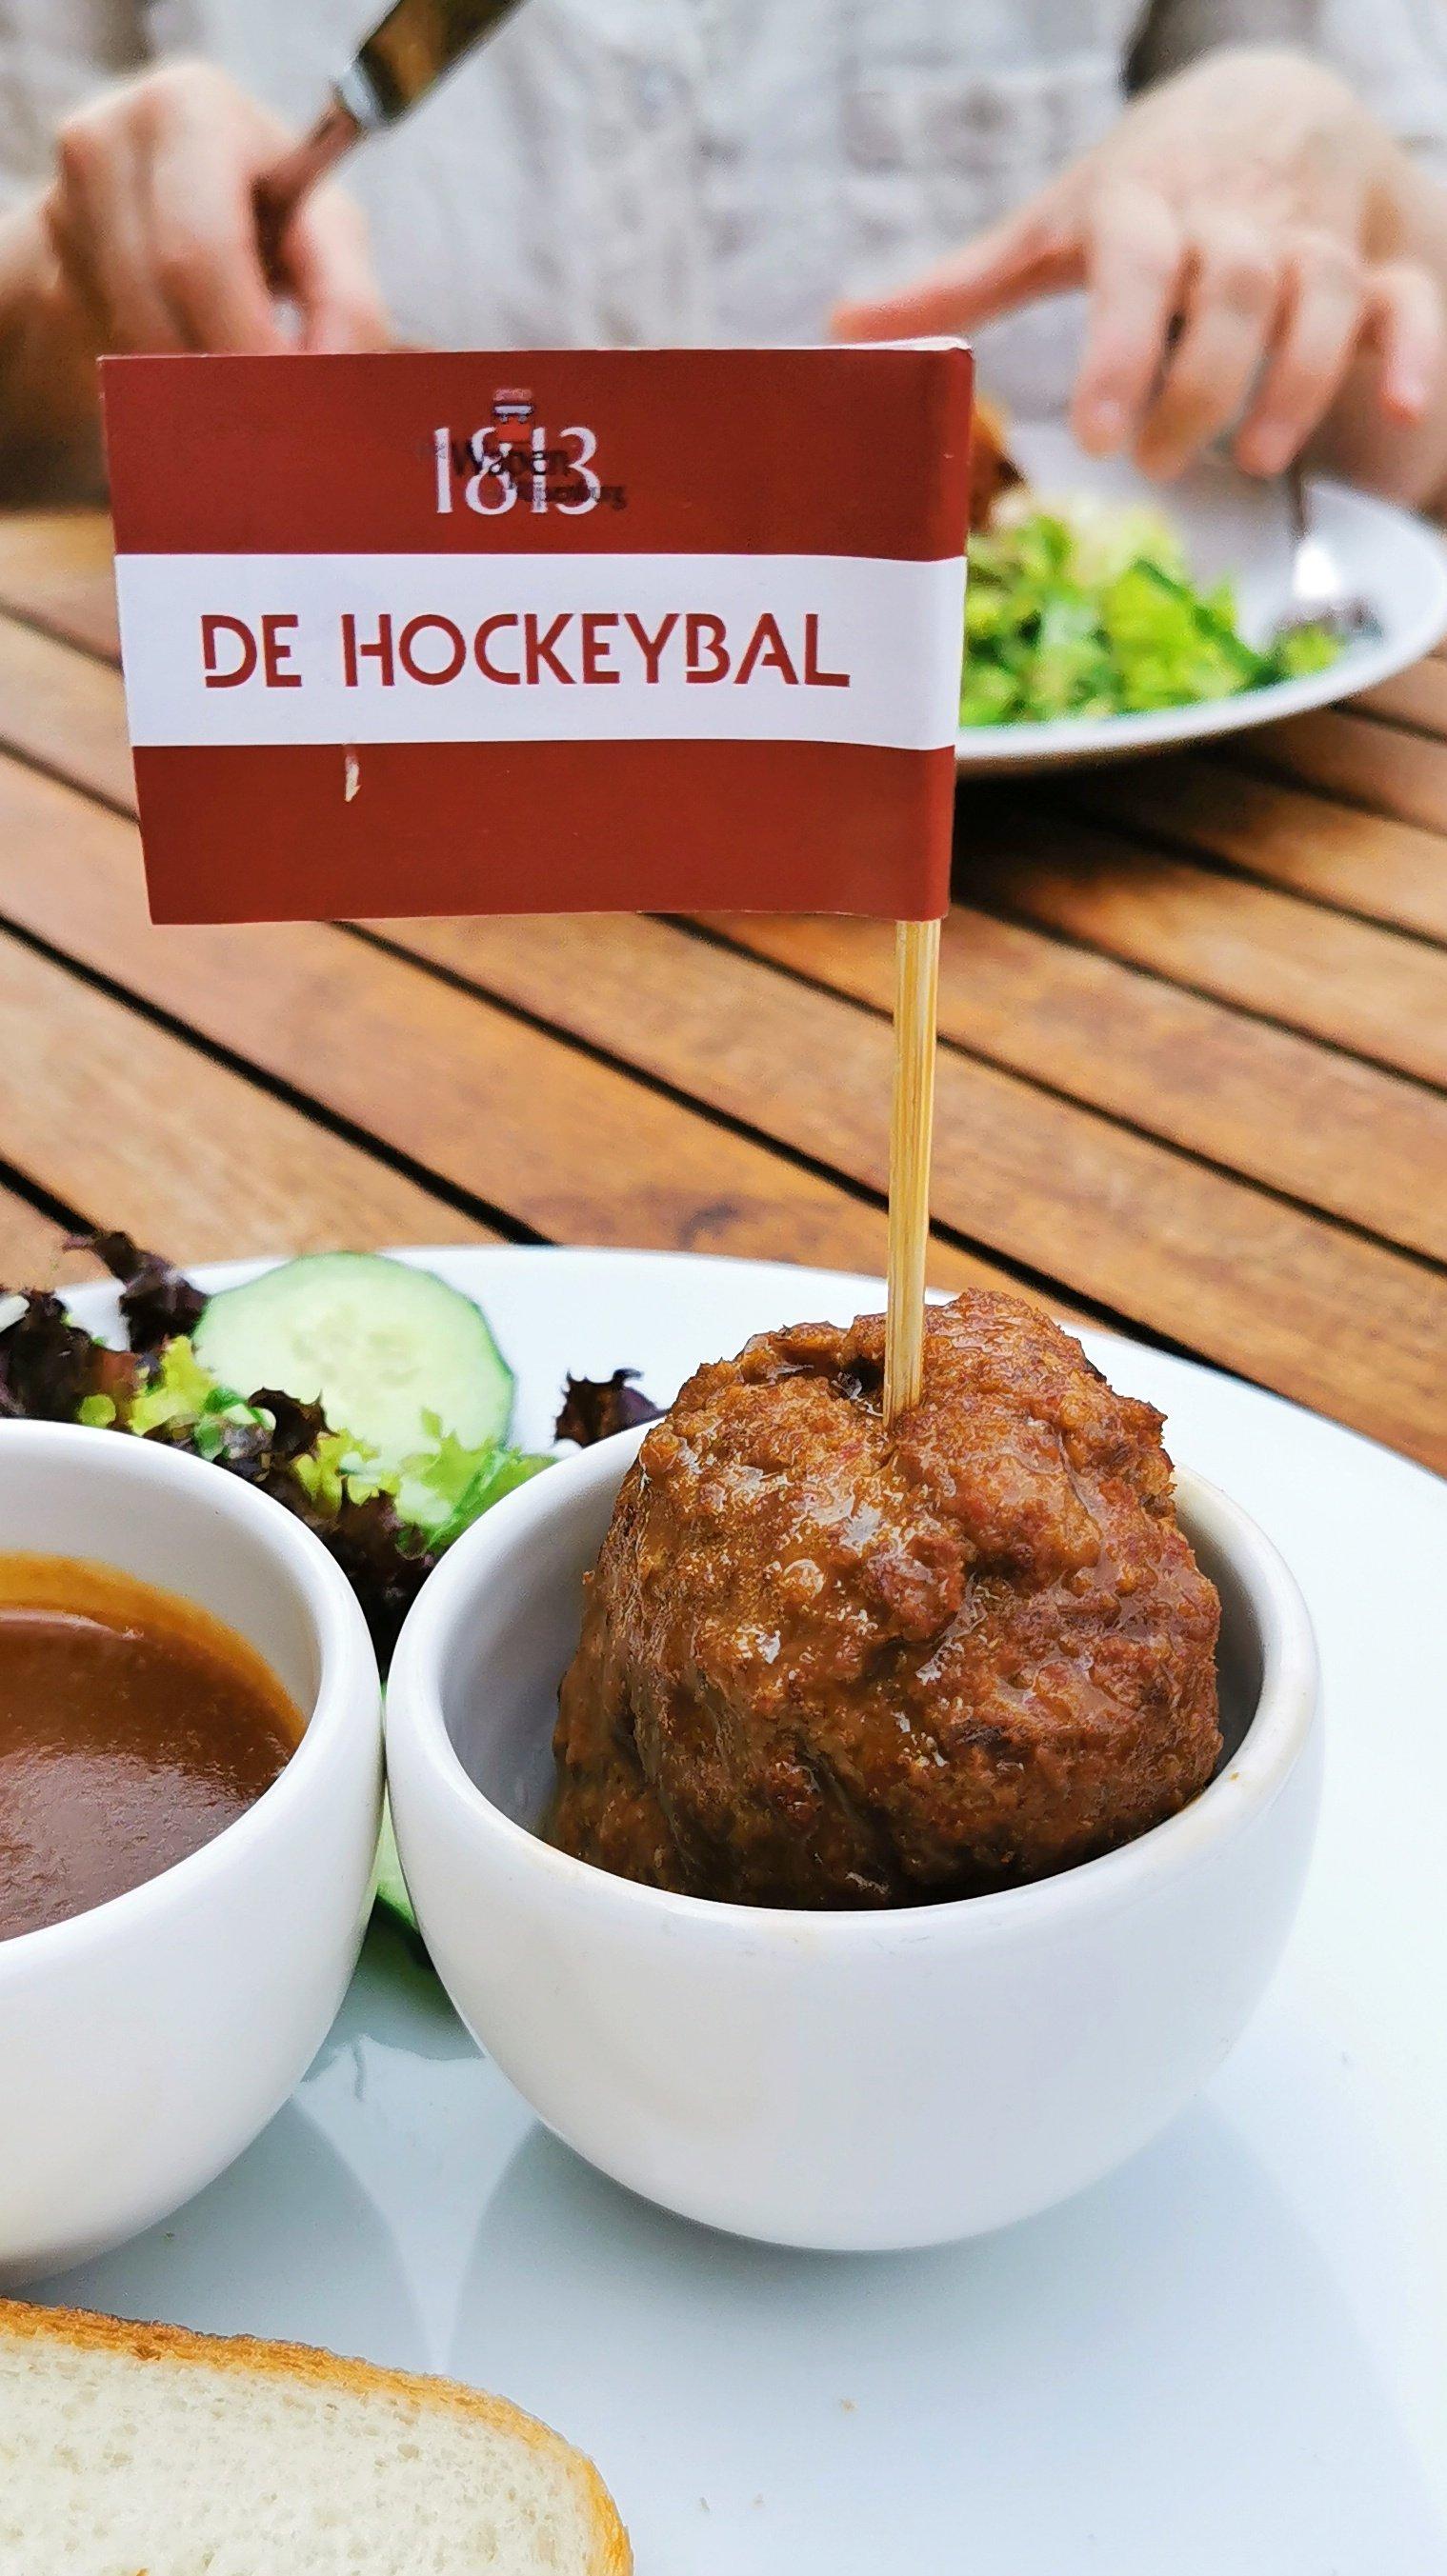 4132: DE HOCKEYBAL